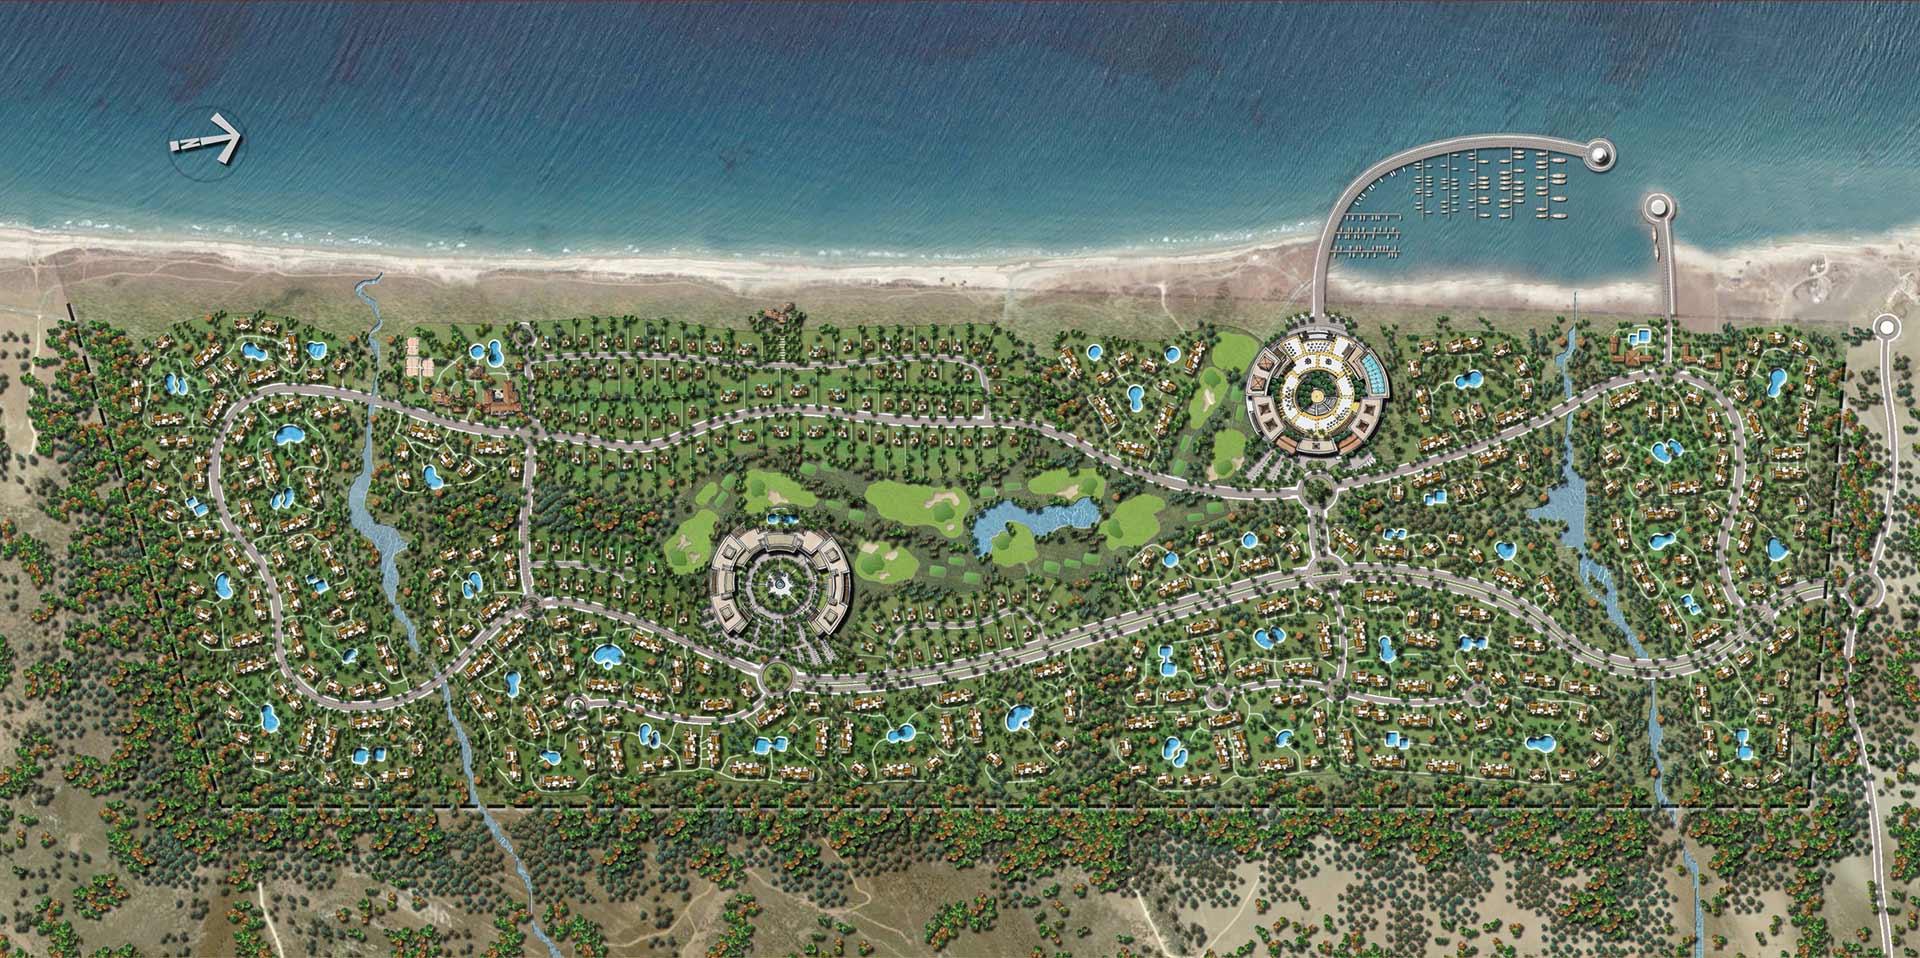 el-kalat-resort (1)